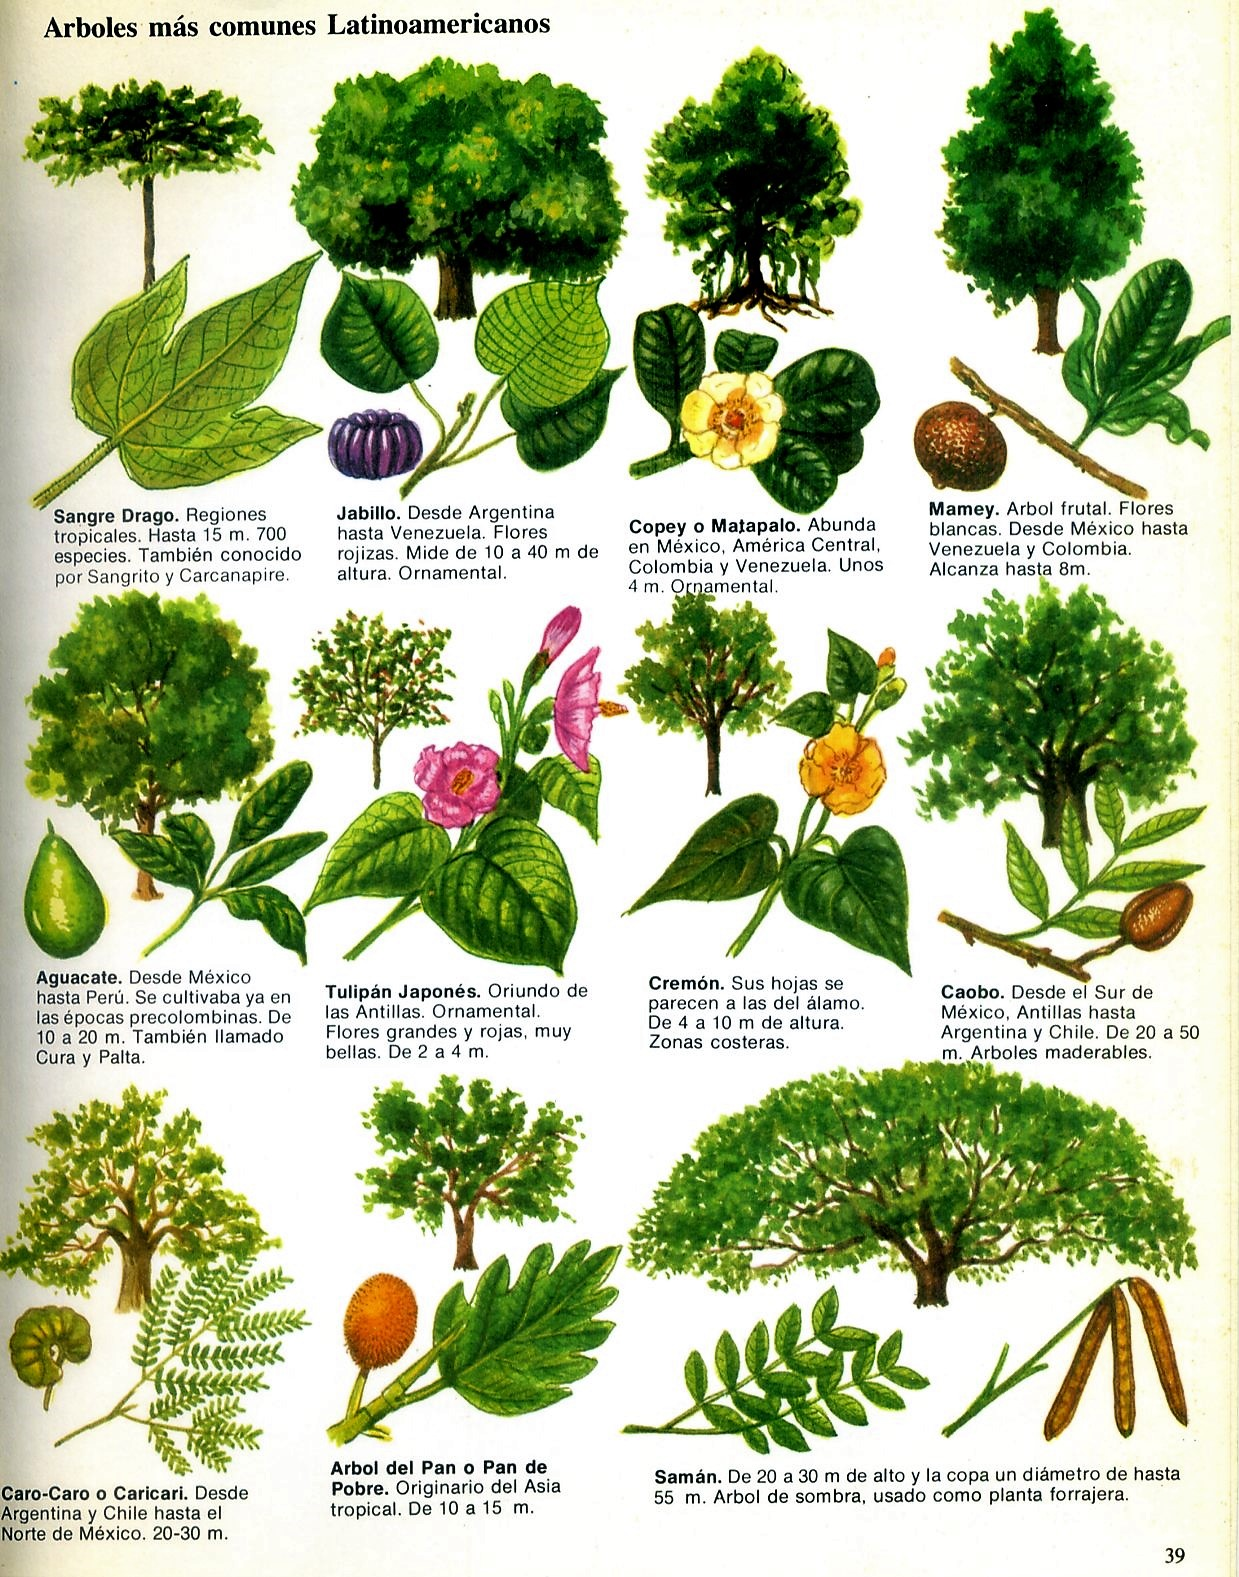 Txirpial rboles latinoamericanos for Cuales son las plantas ornamentales y sus nombres